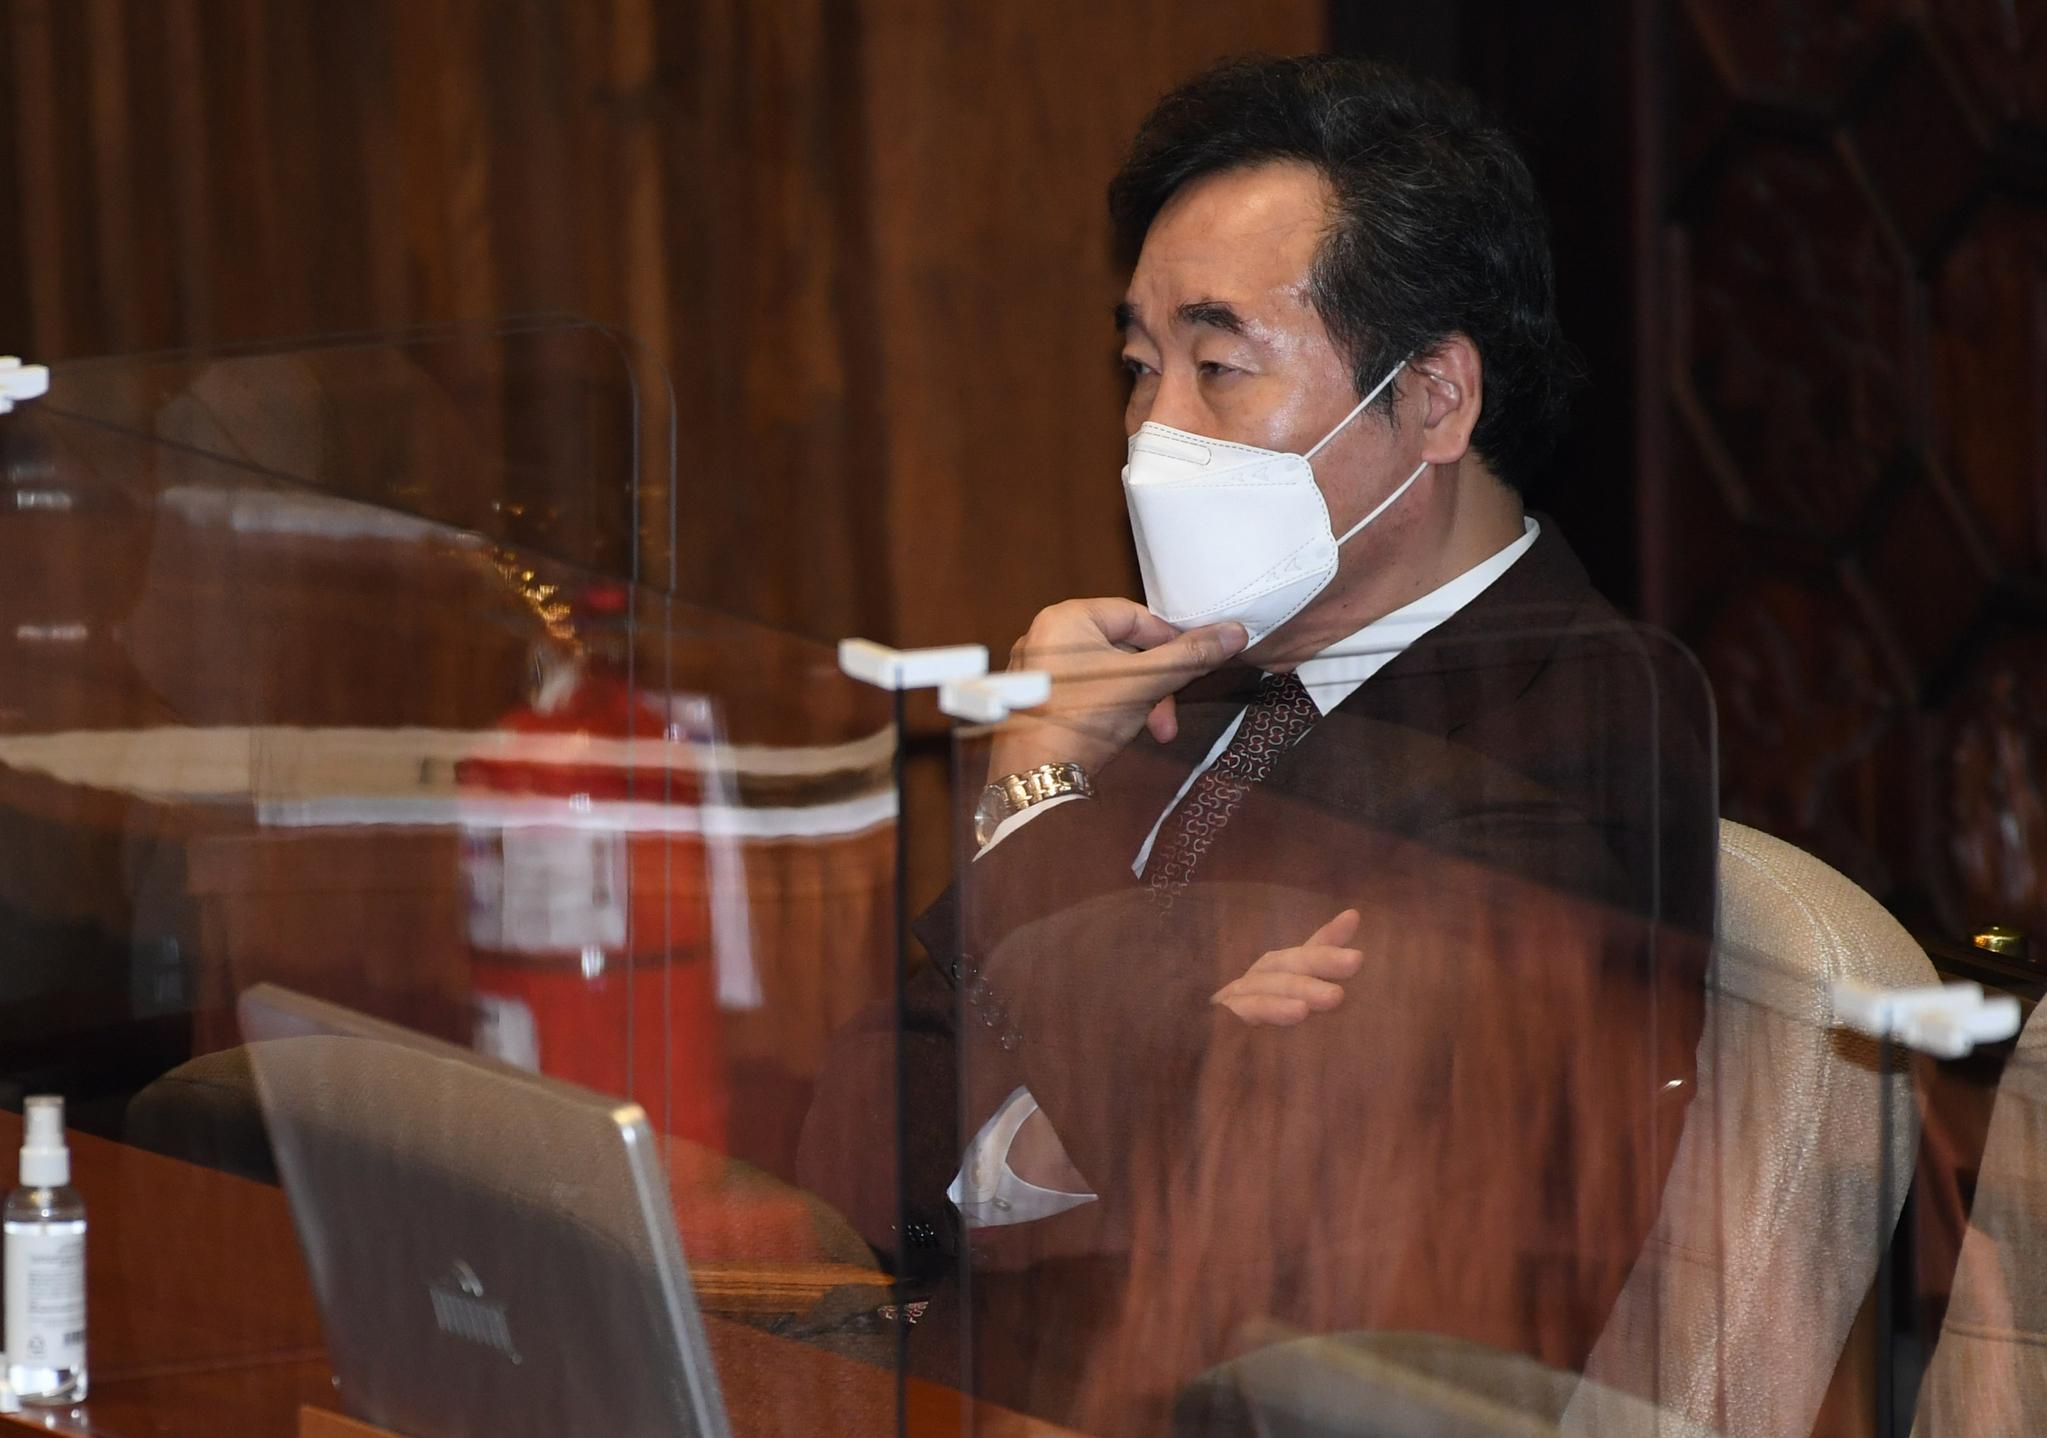 이낙연 더불어민주당 대표가 4일 국회에서 열린 제348회 국회(임시회) 제4차 본회의에 참석해 생각에 잠겨 있는 모습. 오종택 기자